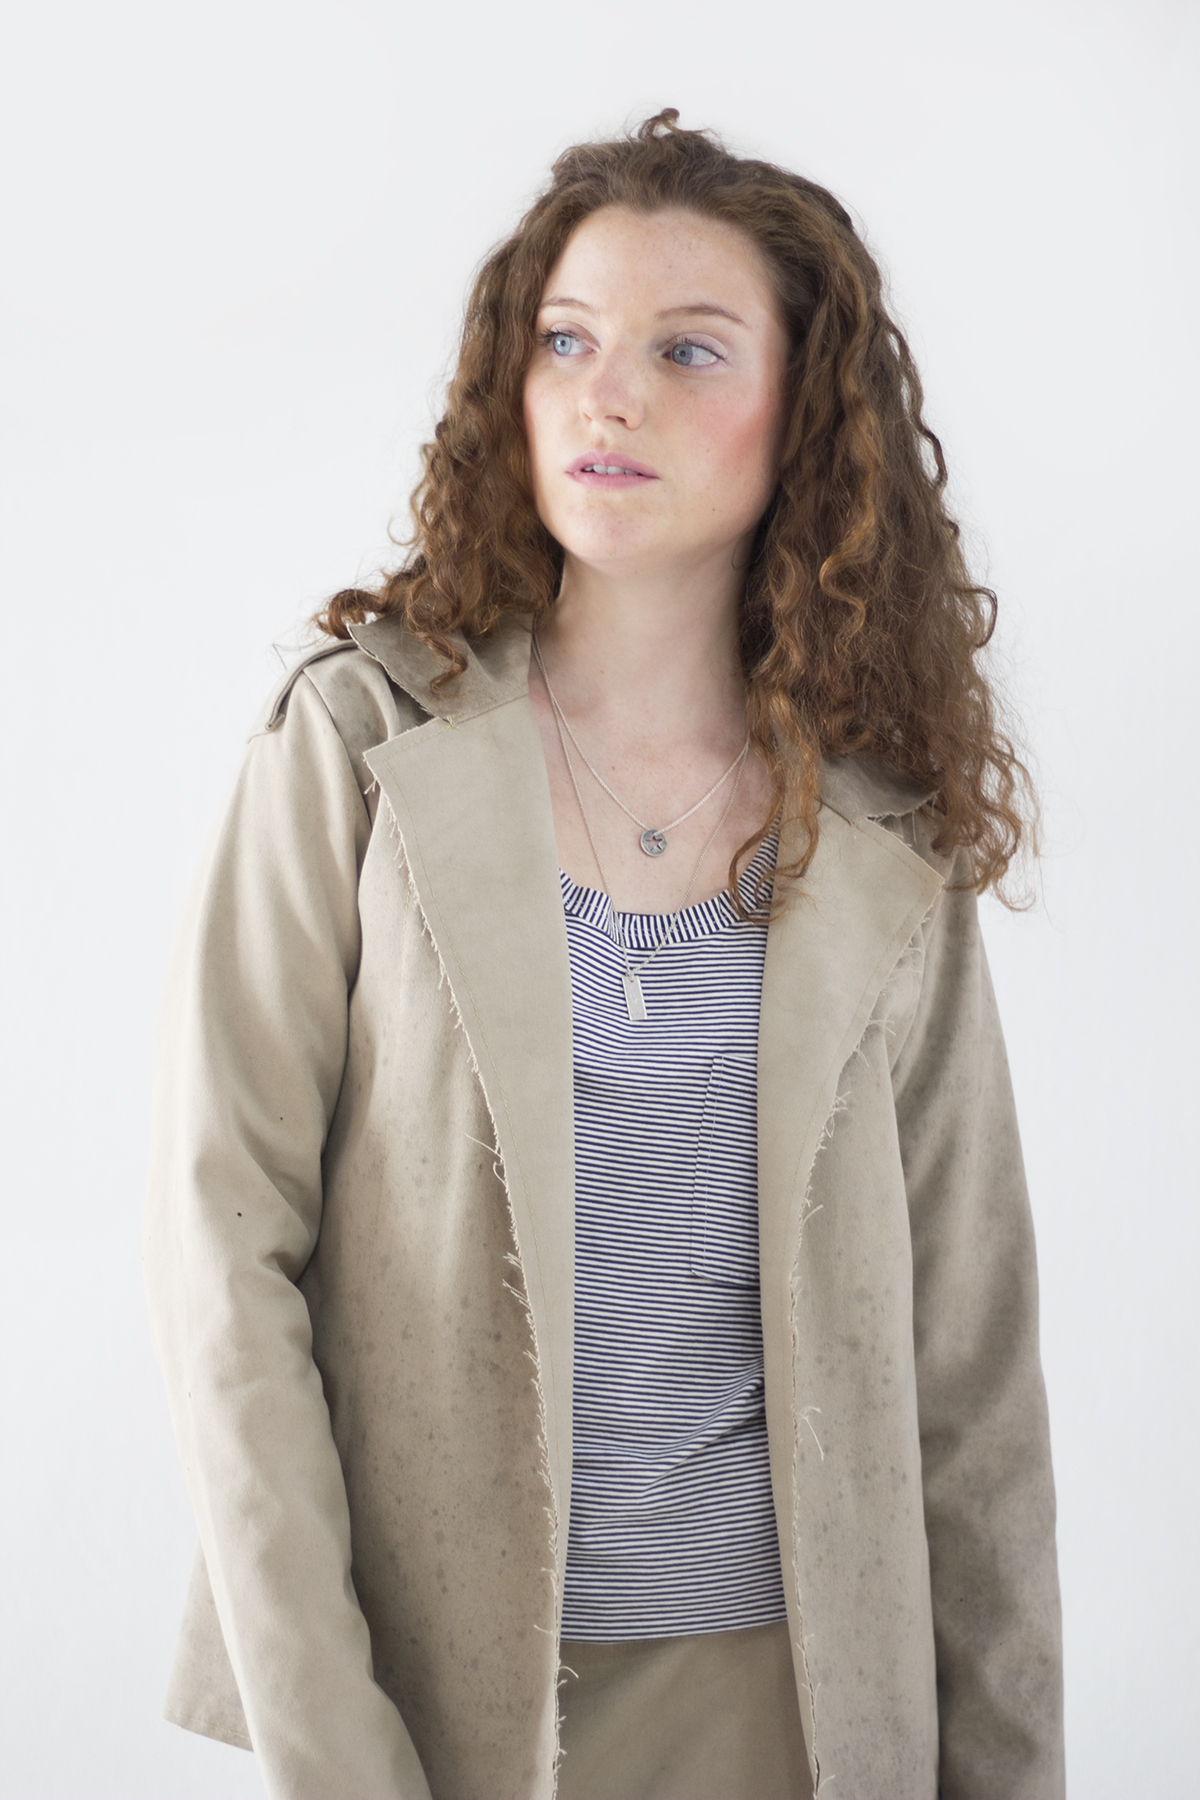 Marca slow fashion usa lonas e redes tirados do mar para criar coleção4